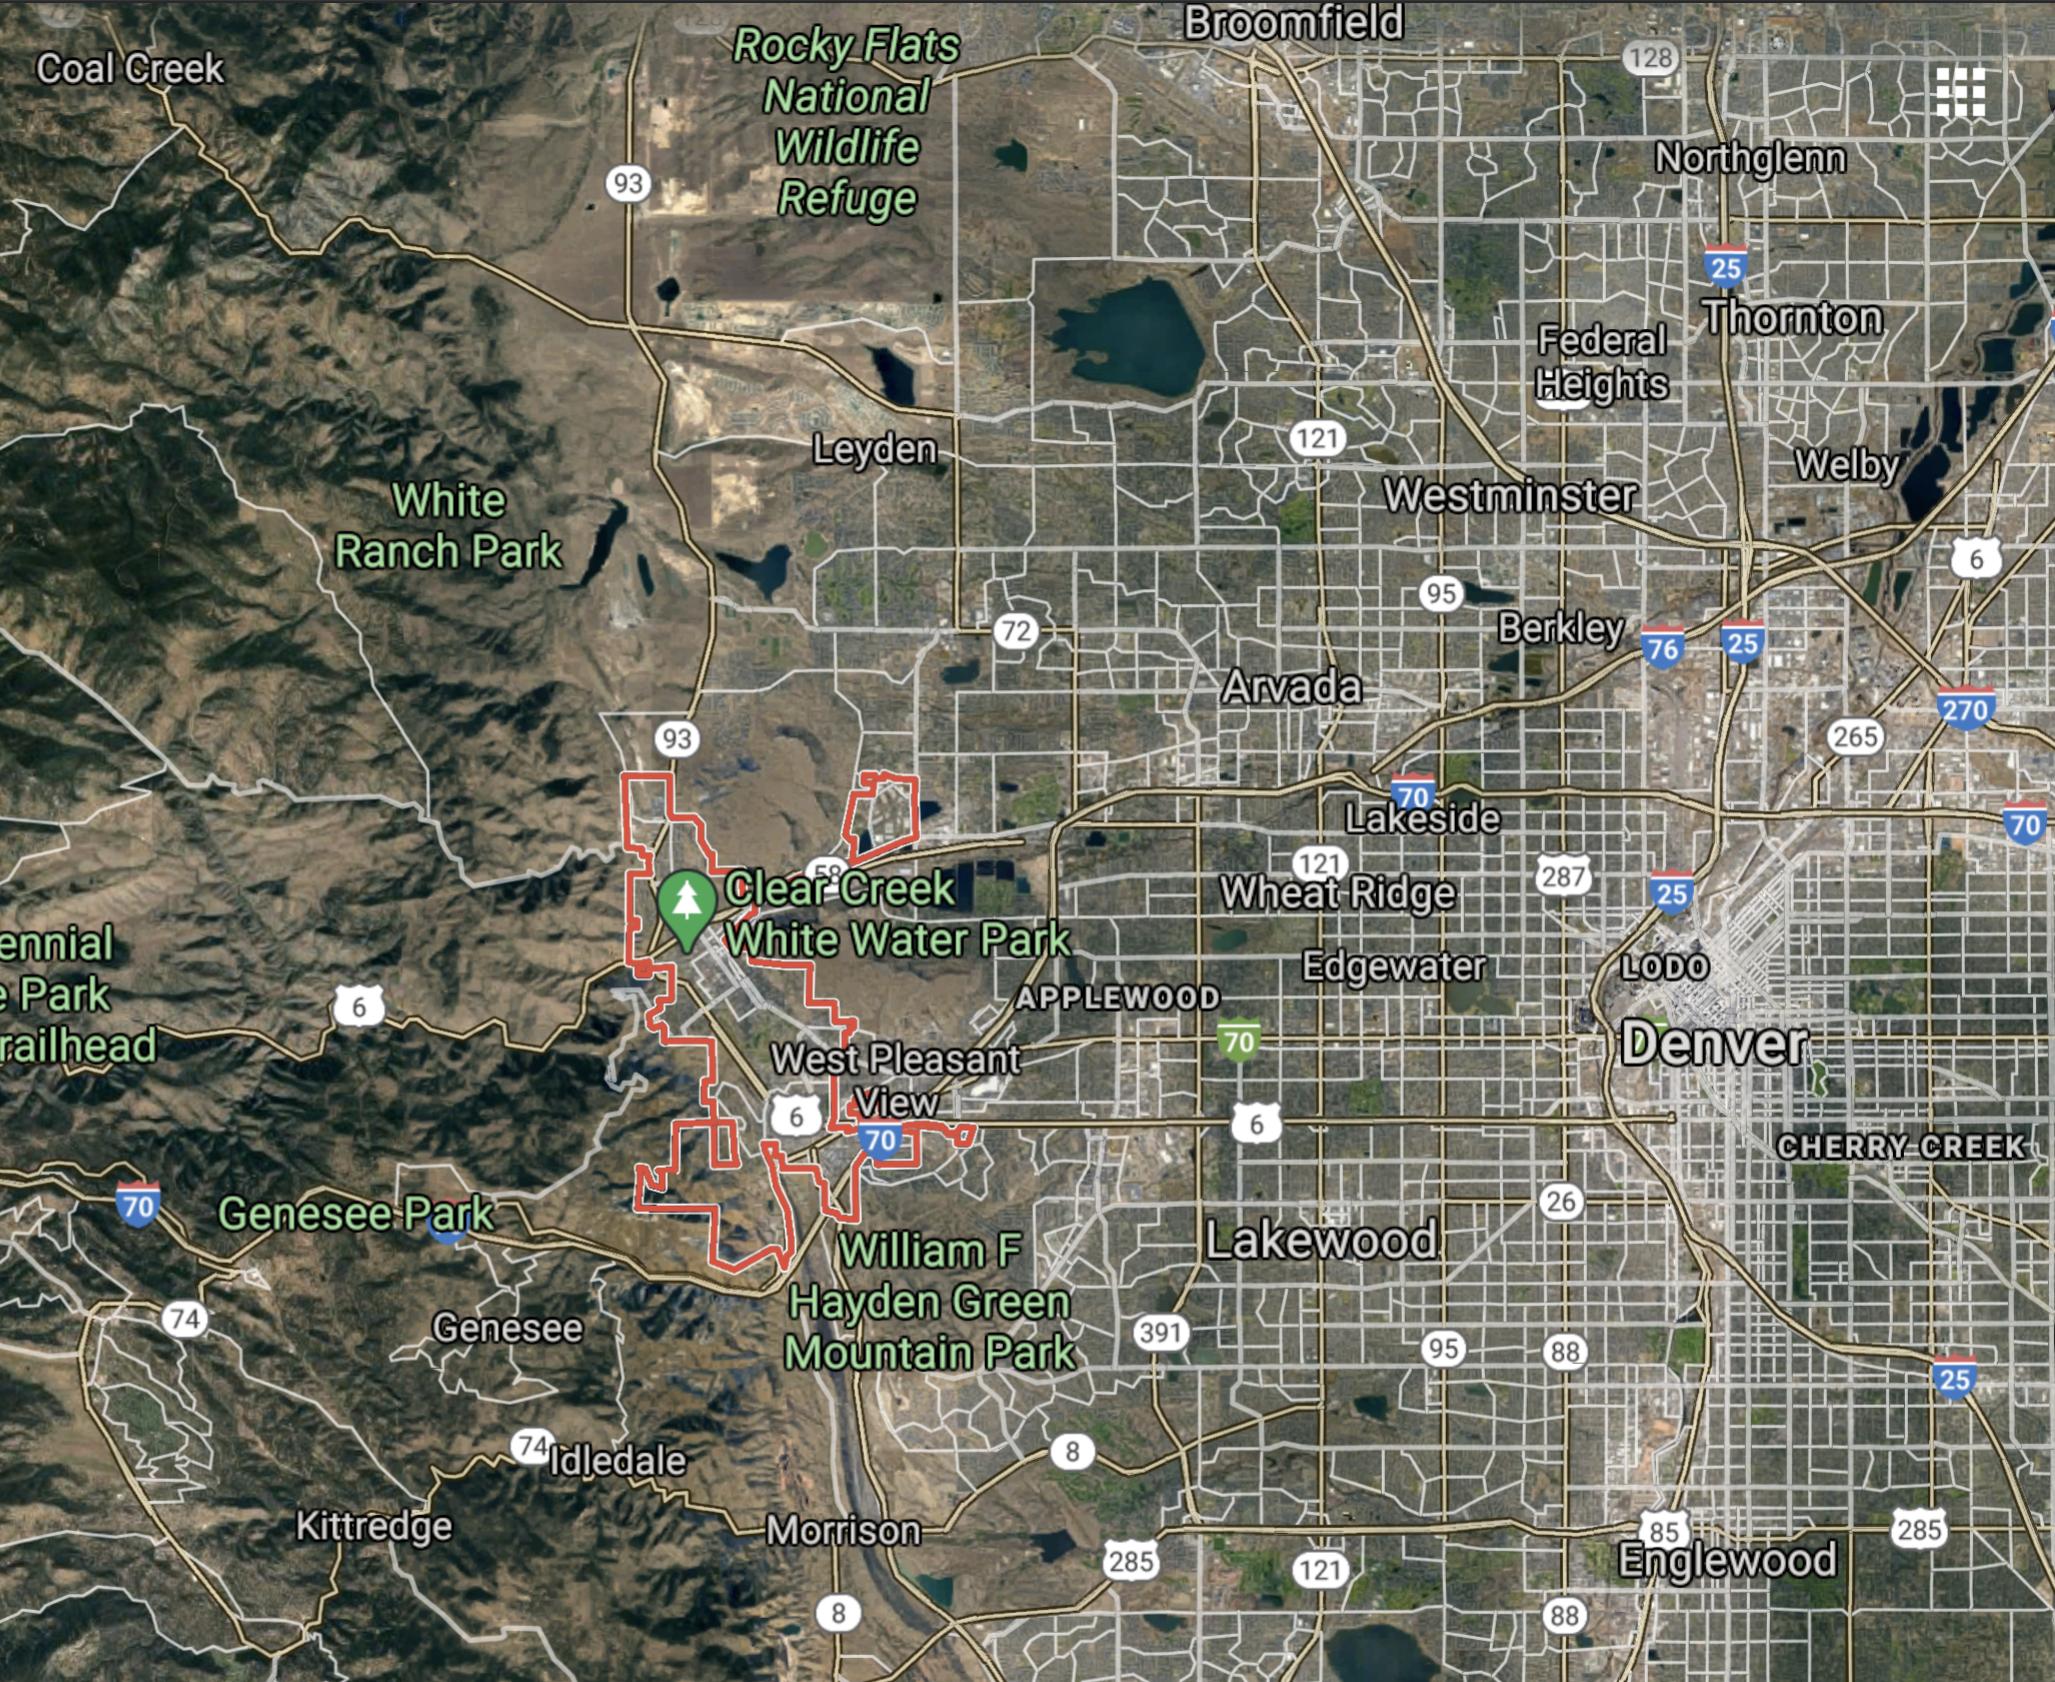 Mapa de Golden Colorado